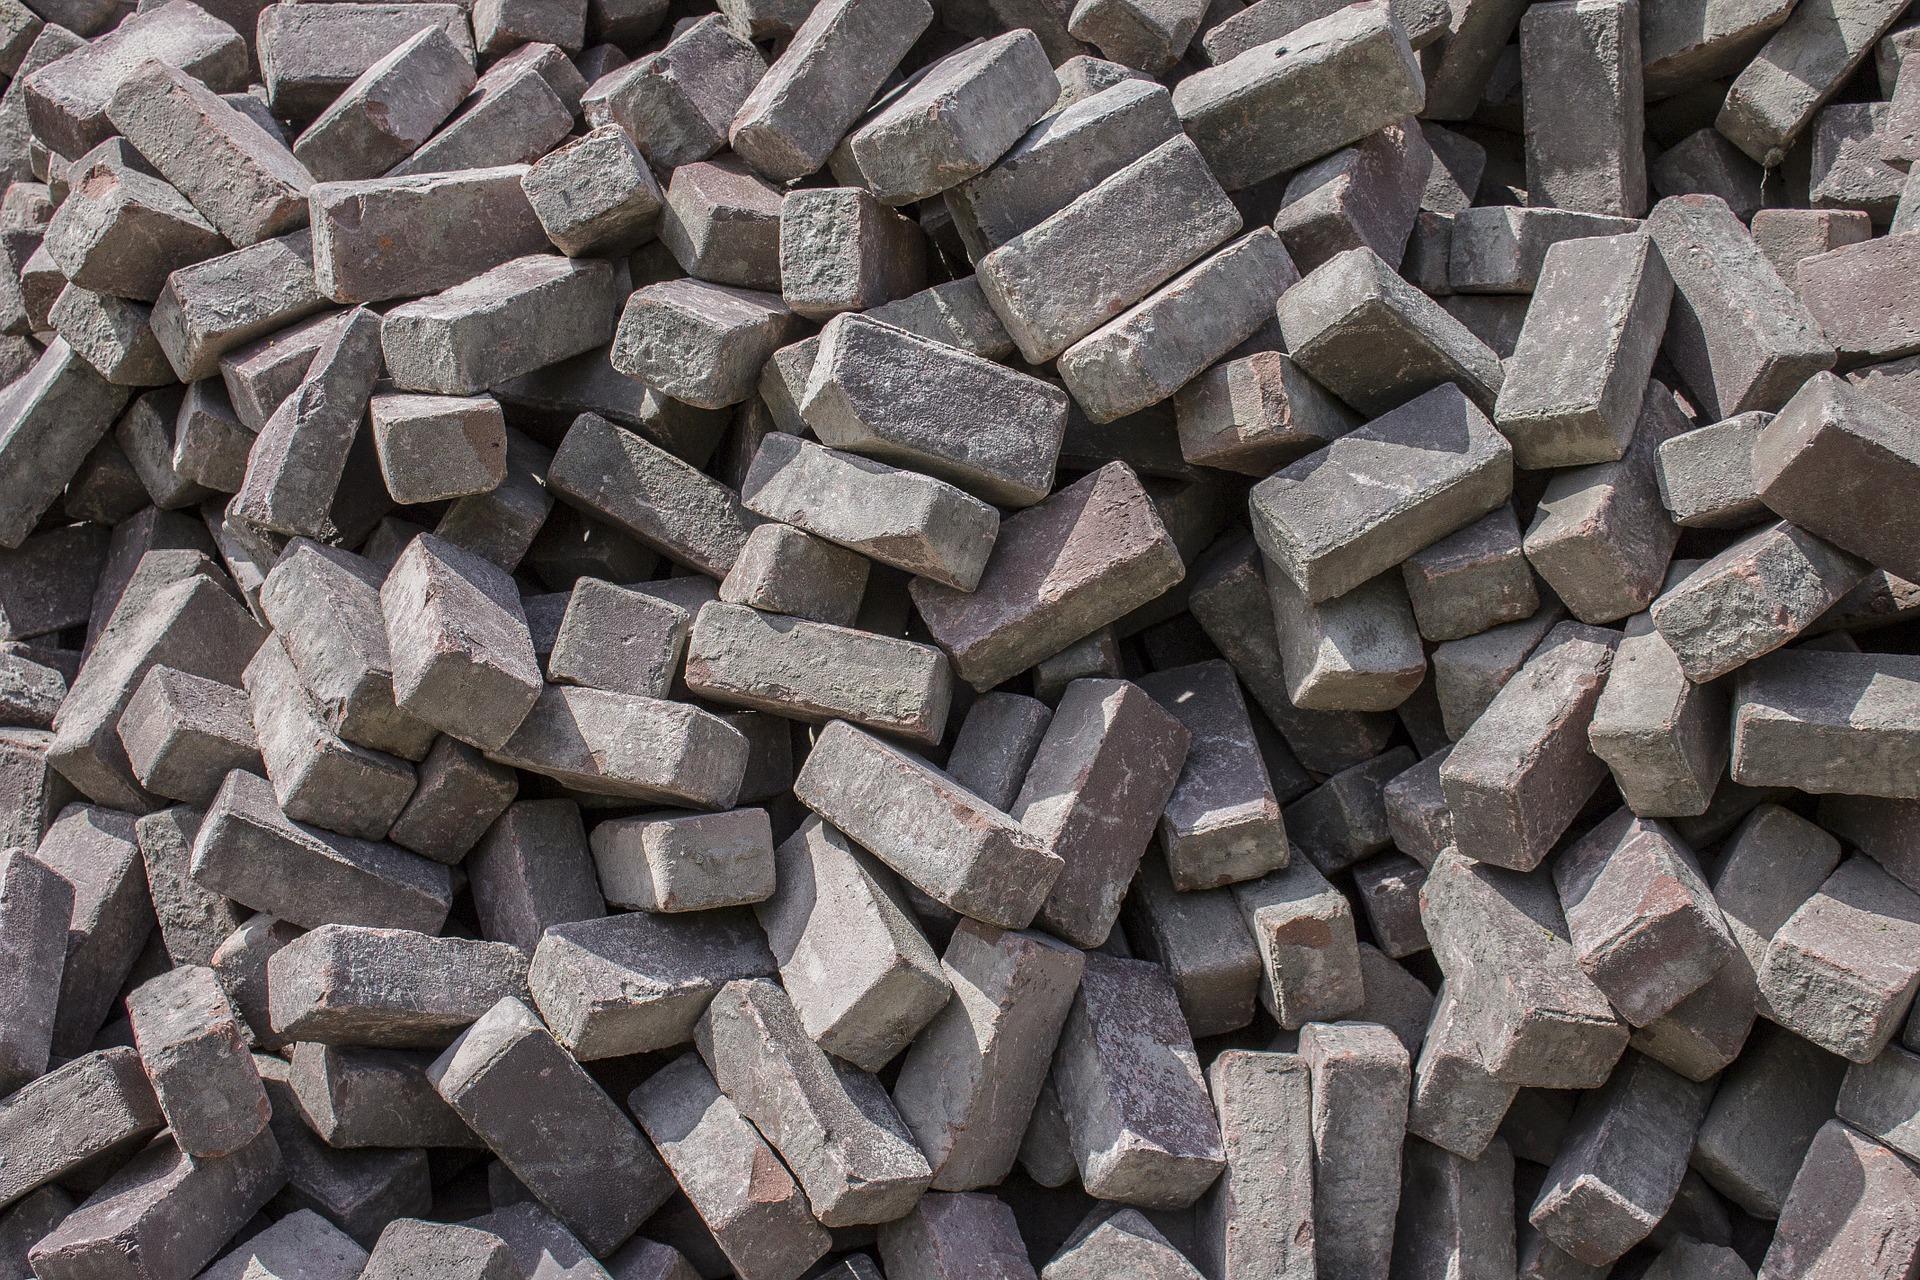 stones-771111_1920